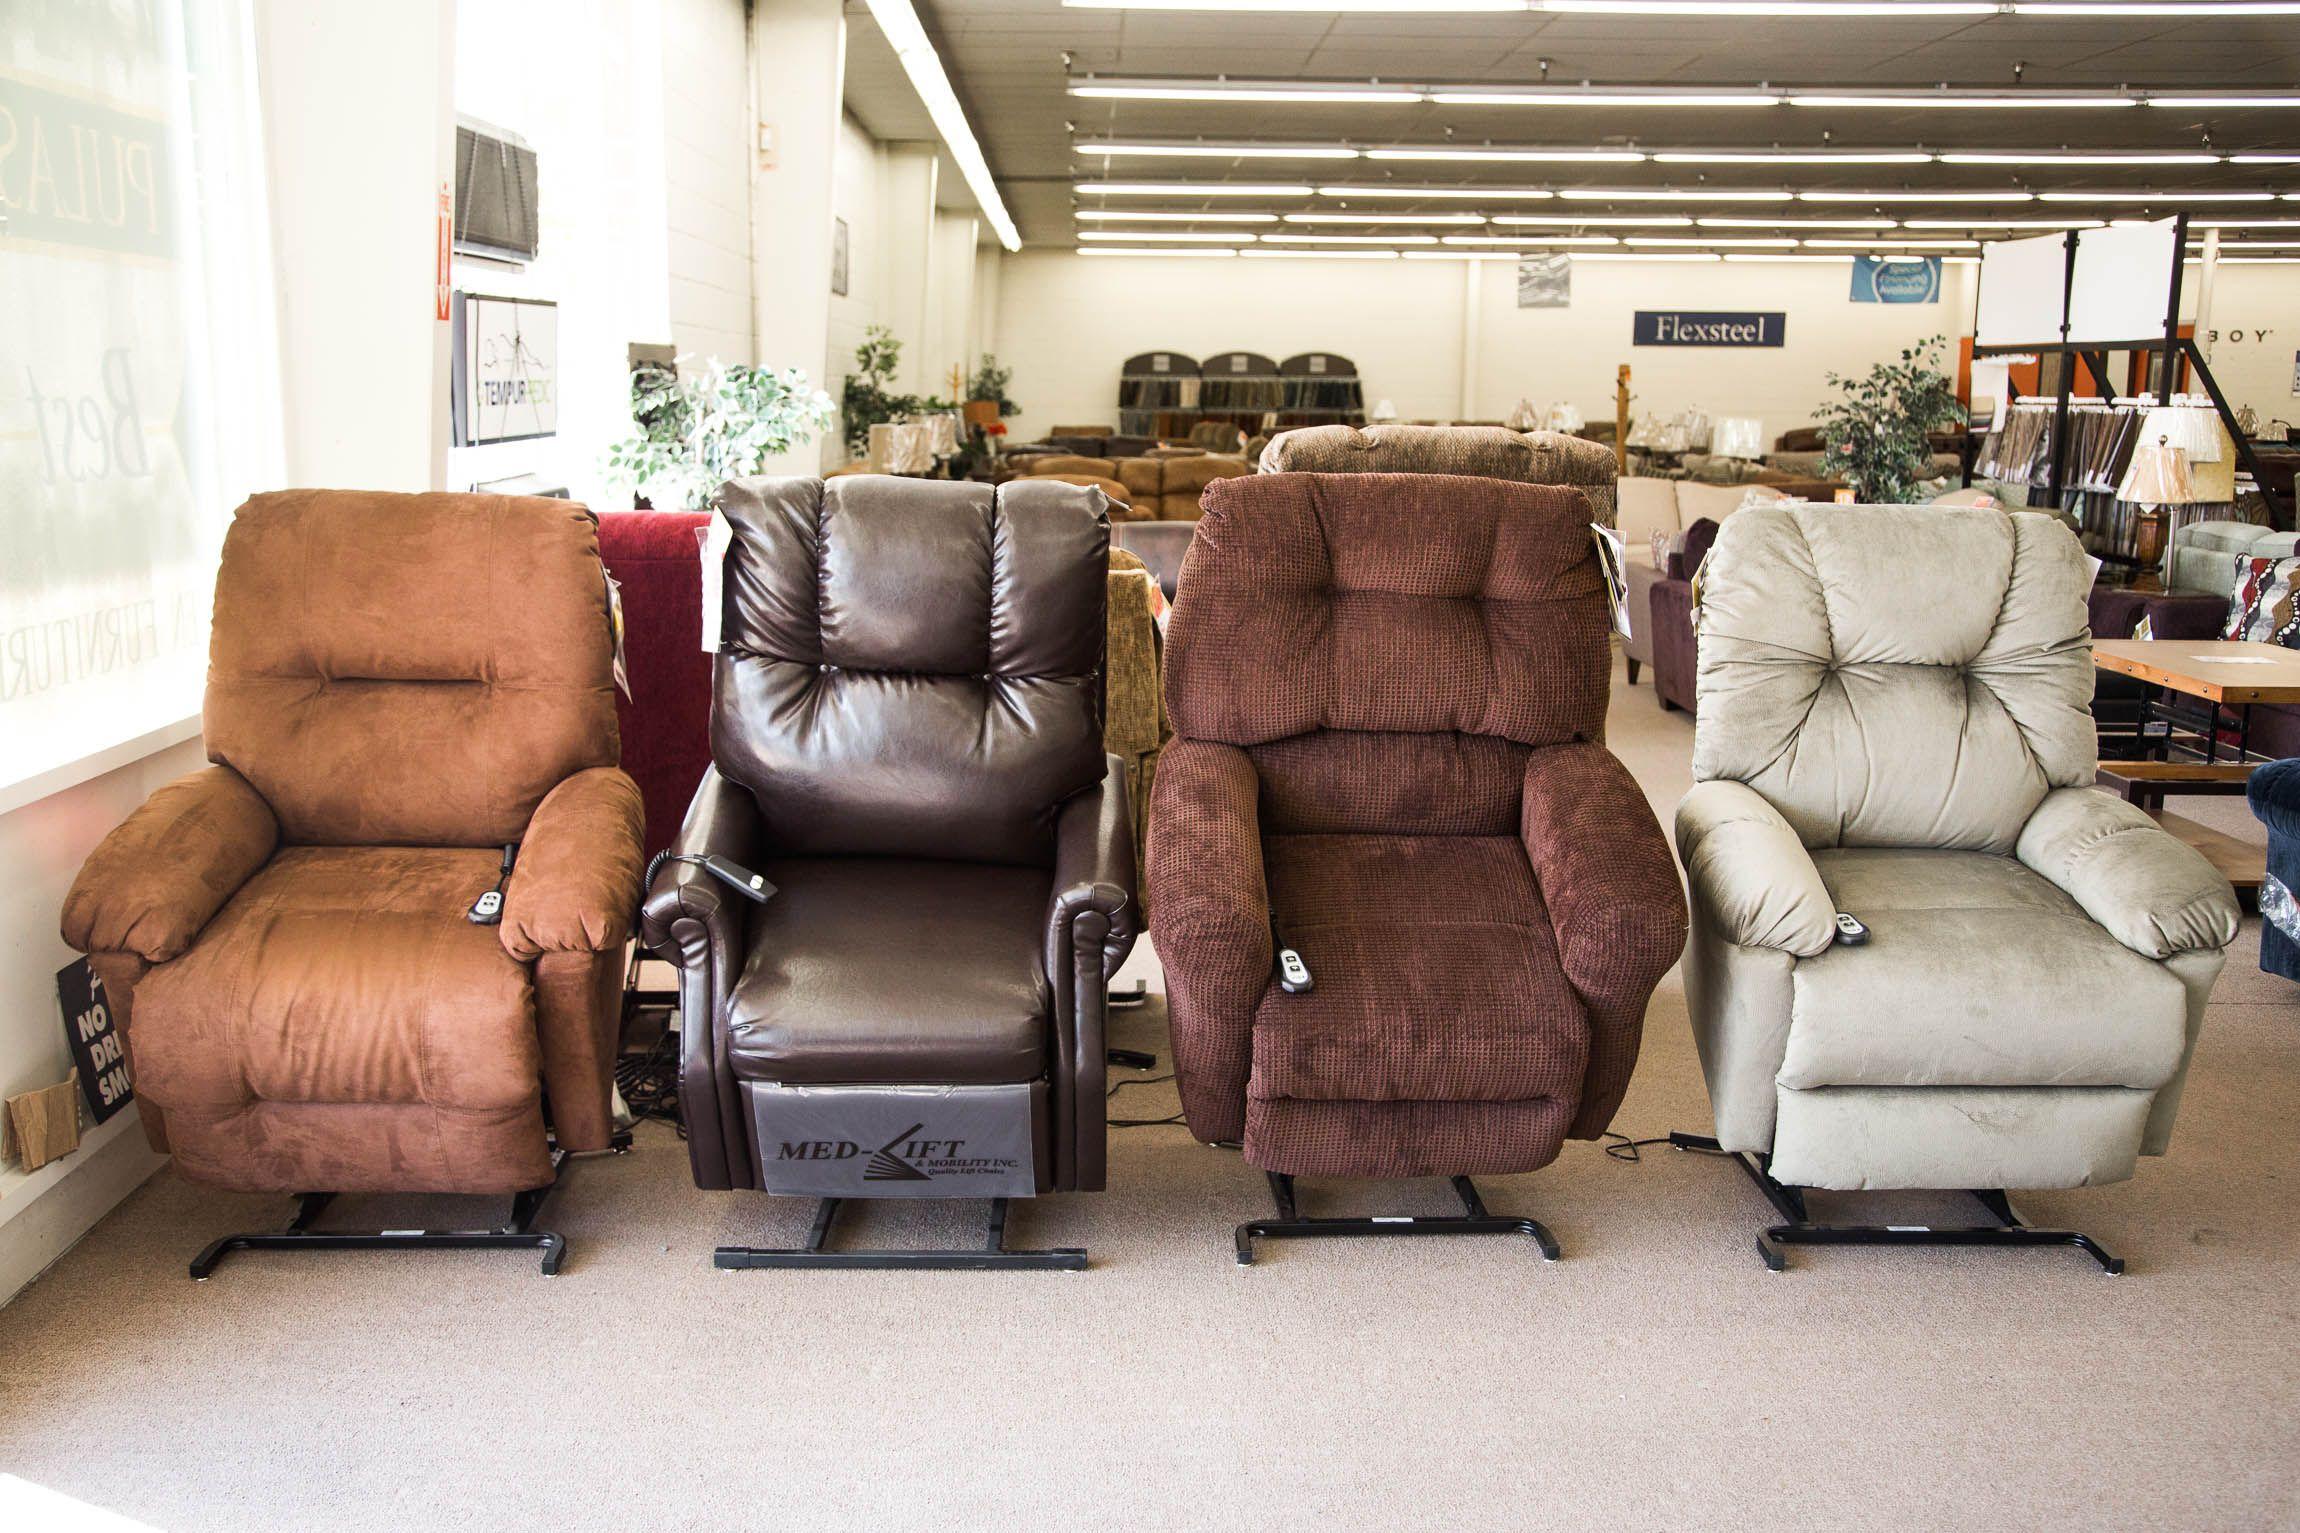 About furniture depot furniture depot red bluff